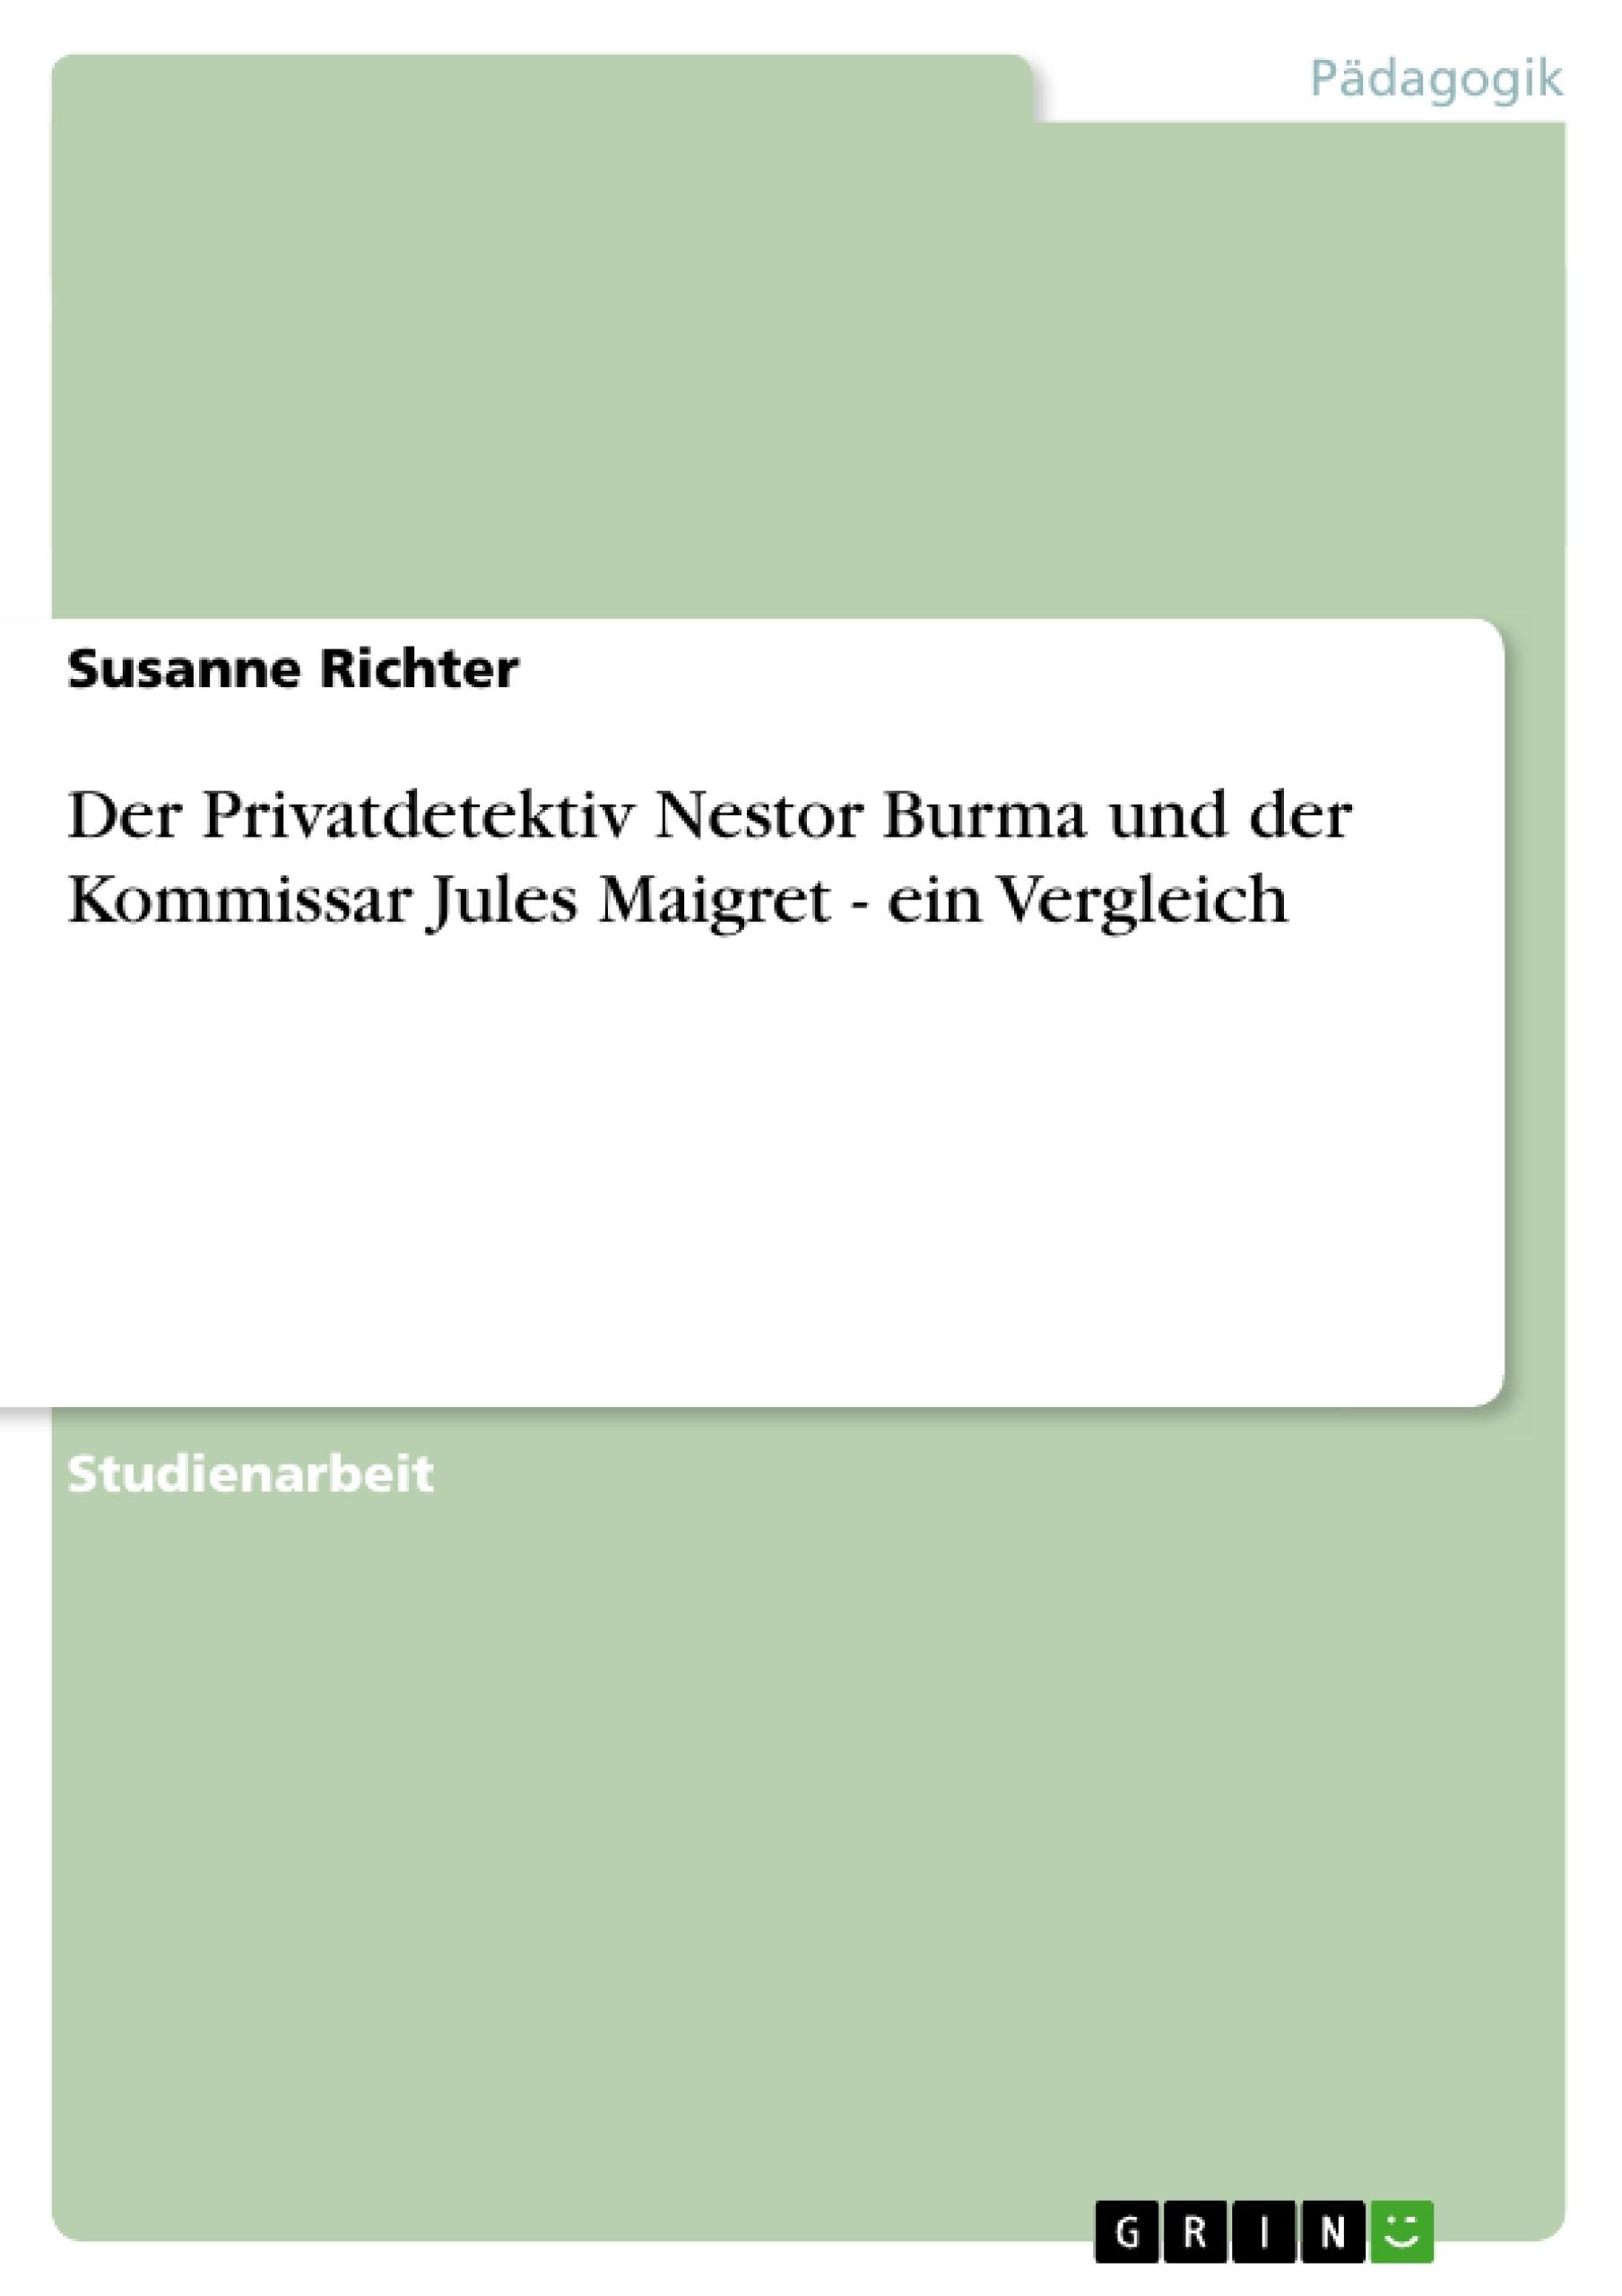 Titel: Der Privatdetektiv Nestor Burma und der Kommissar Jules Maigret - ein Vergleich